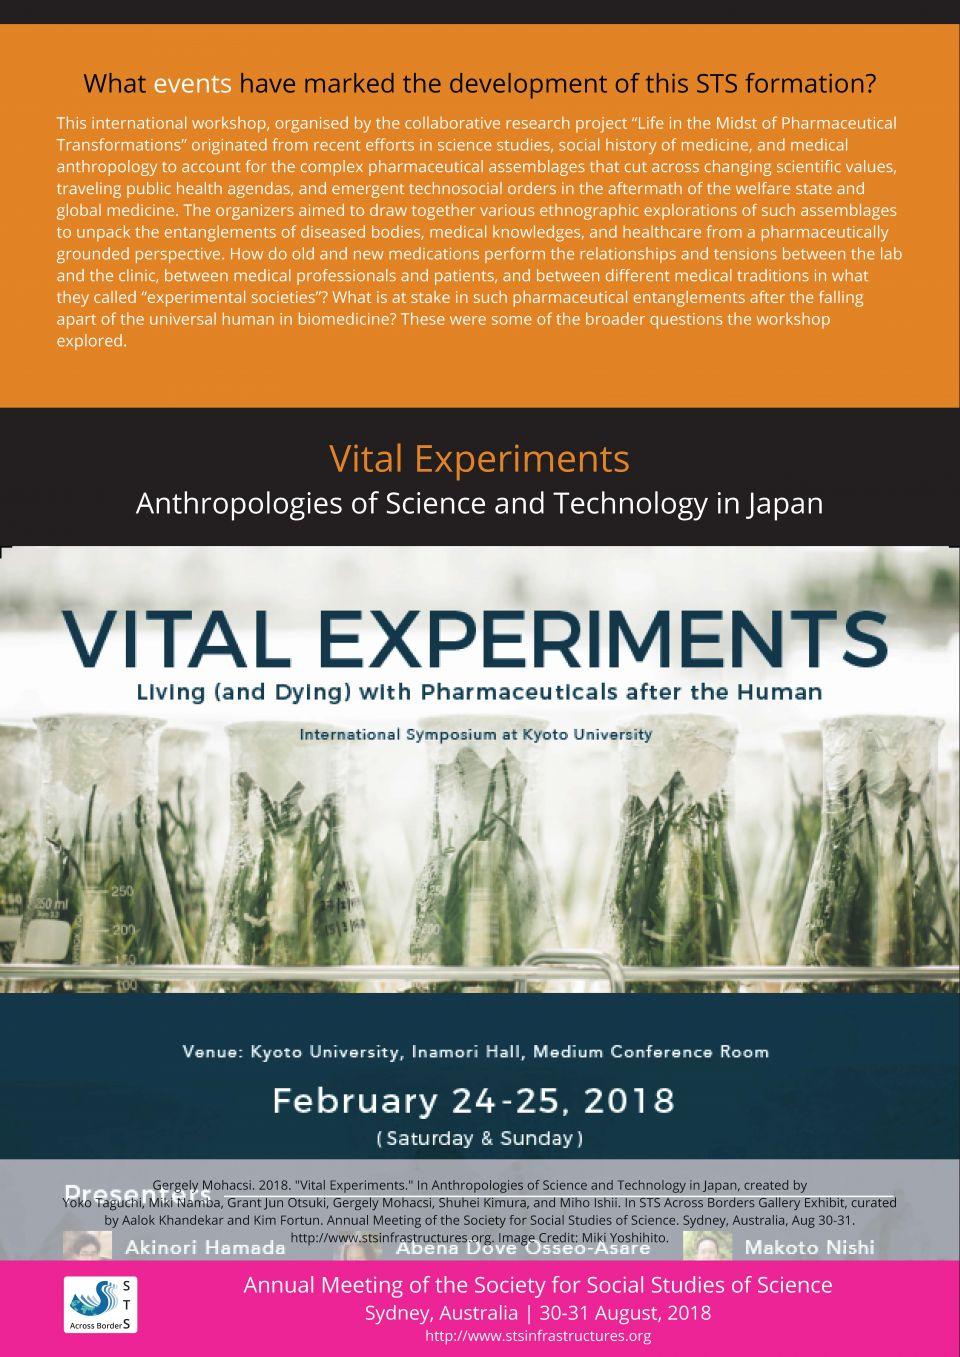 Vital Experiments